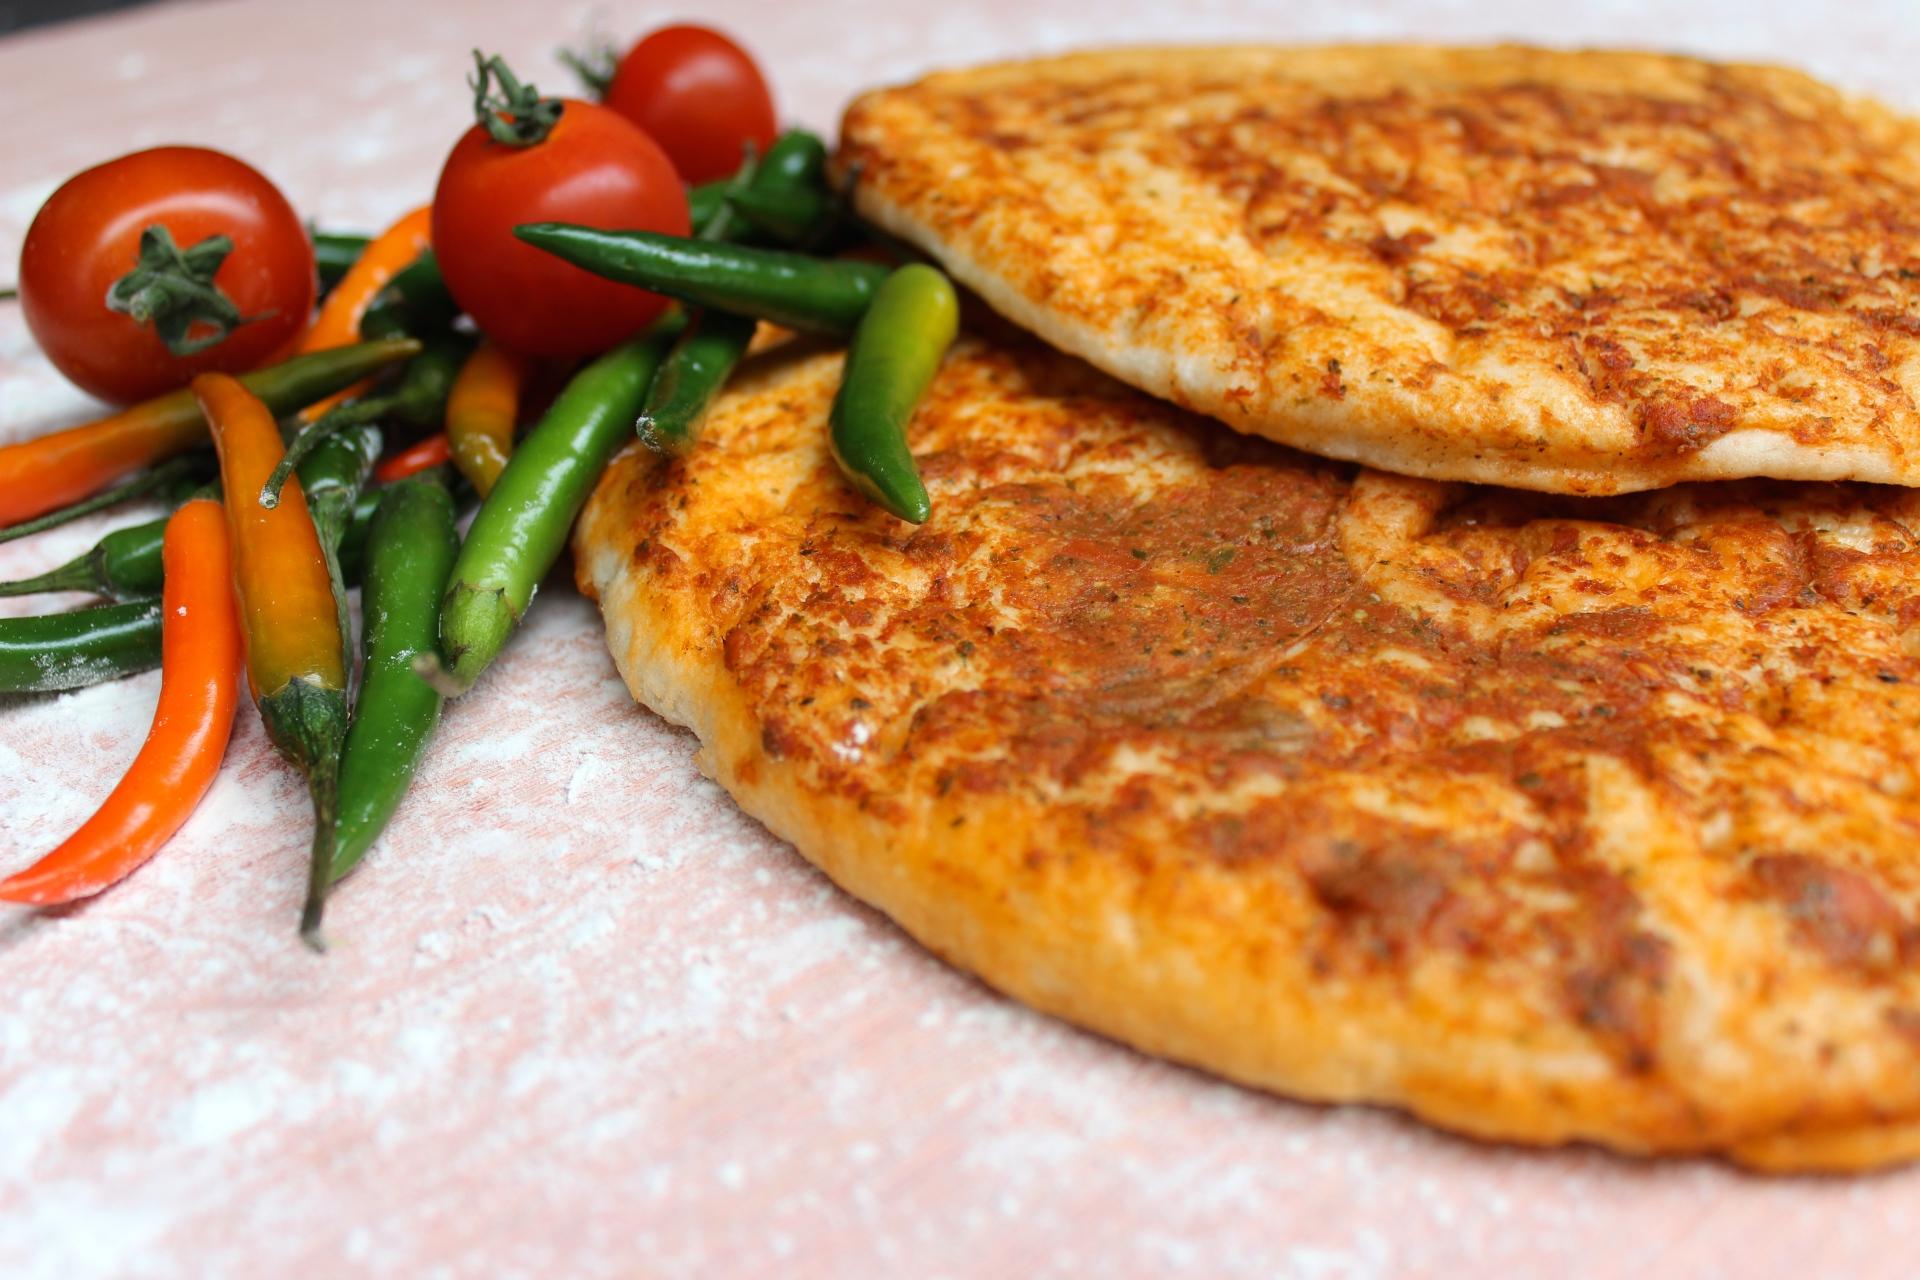 Chilli & Tomato Flatbread